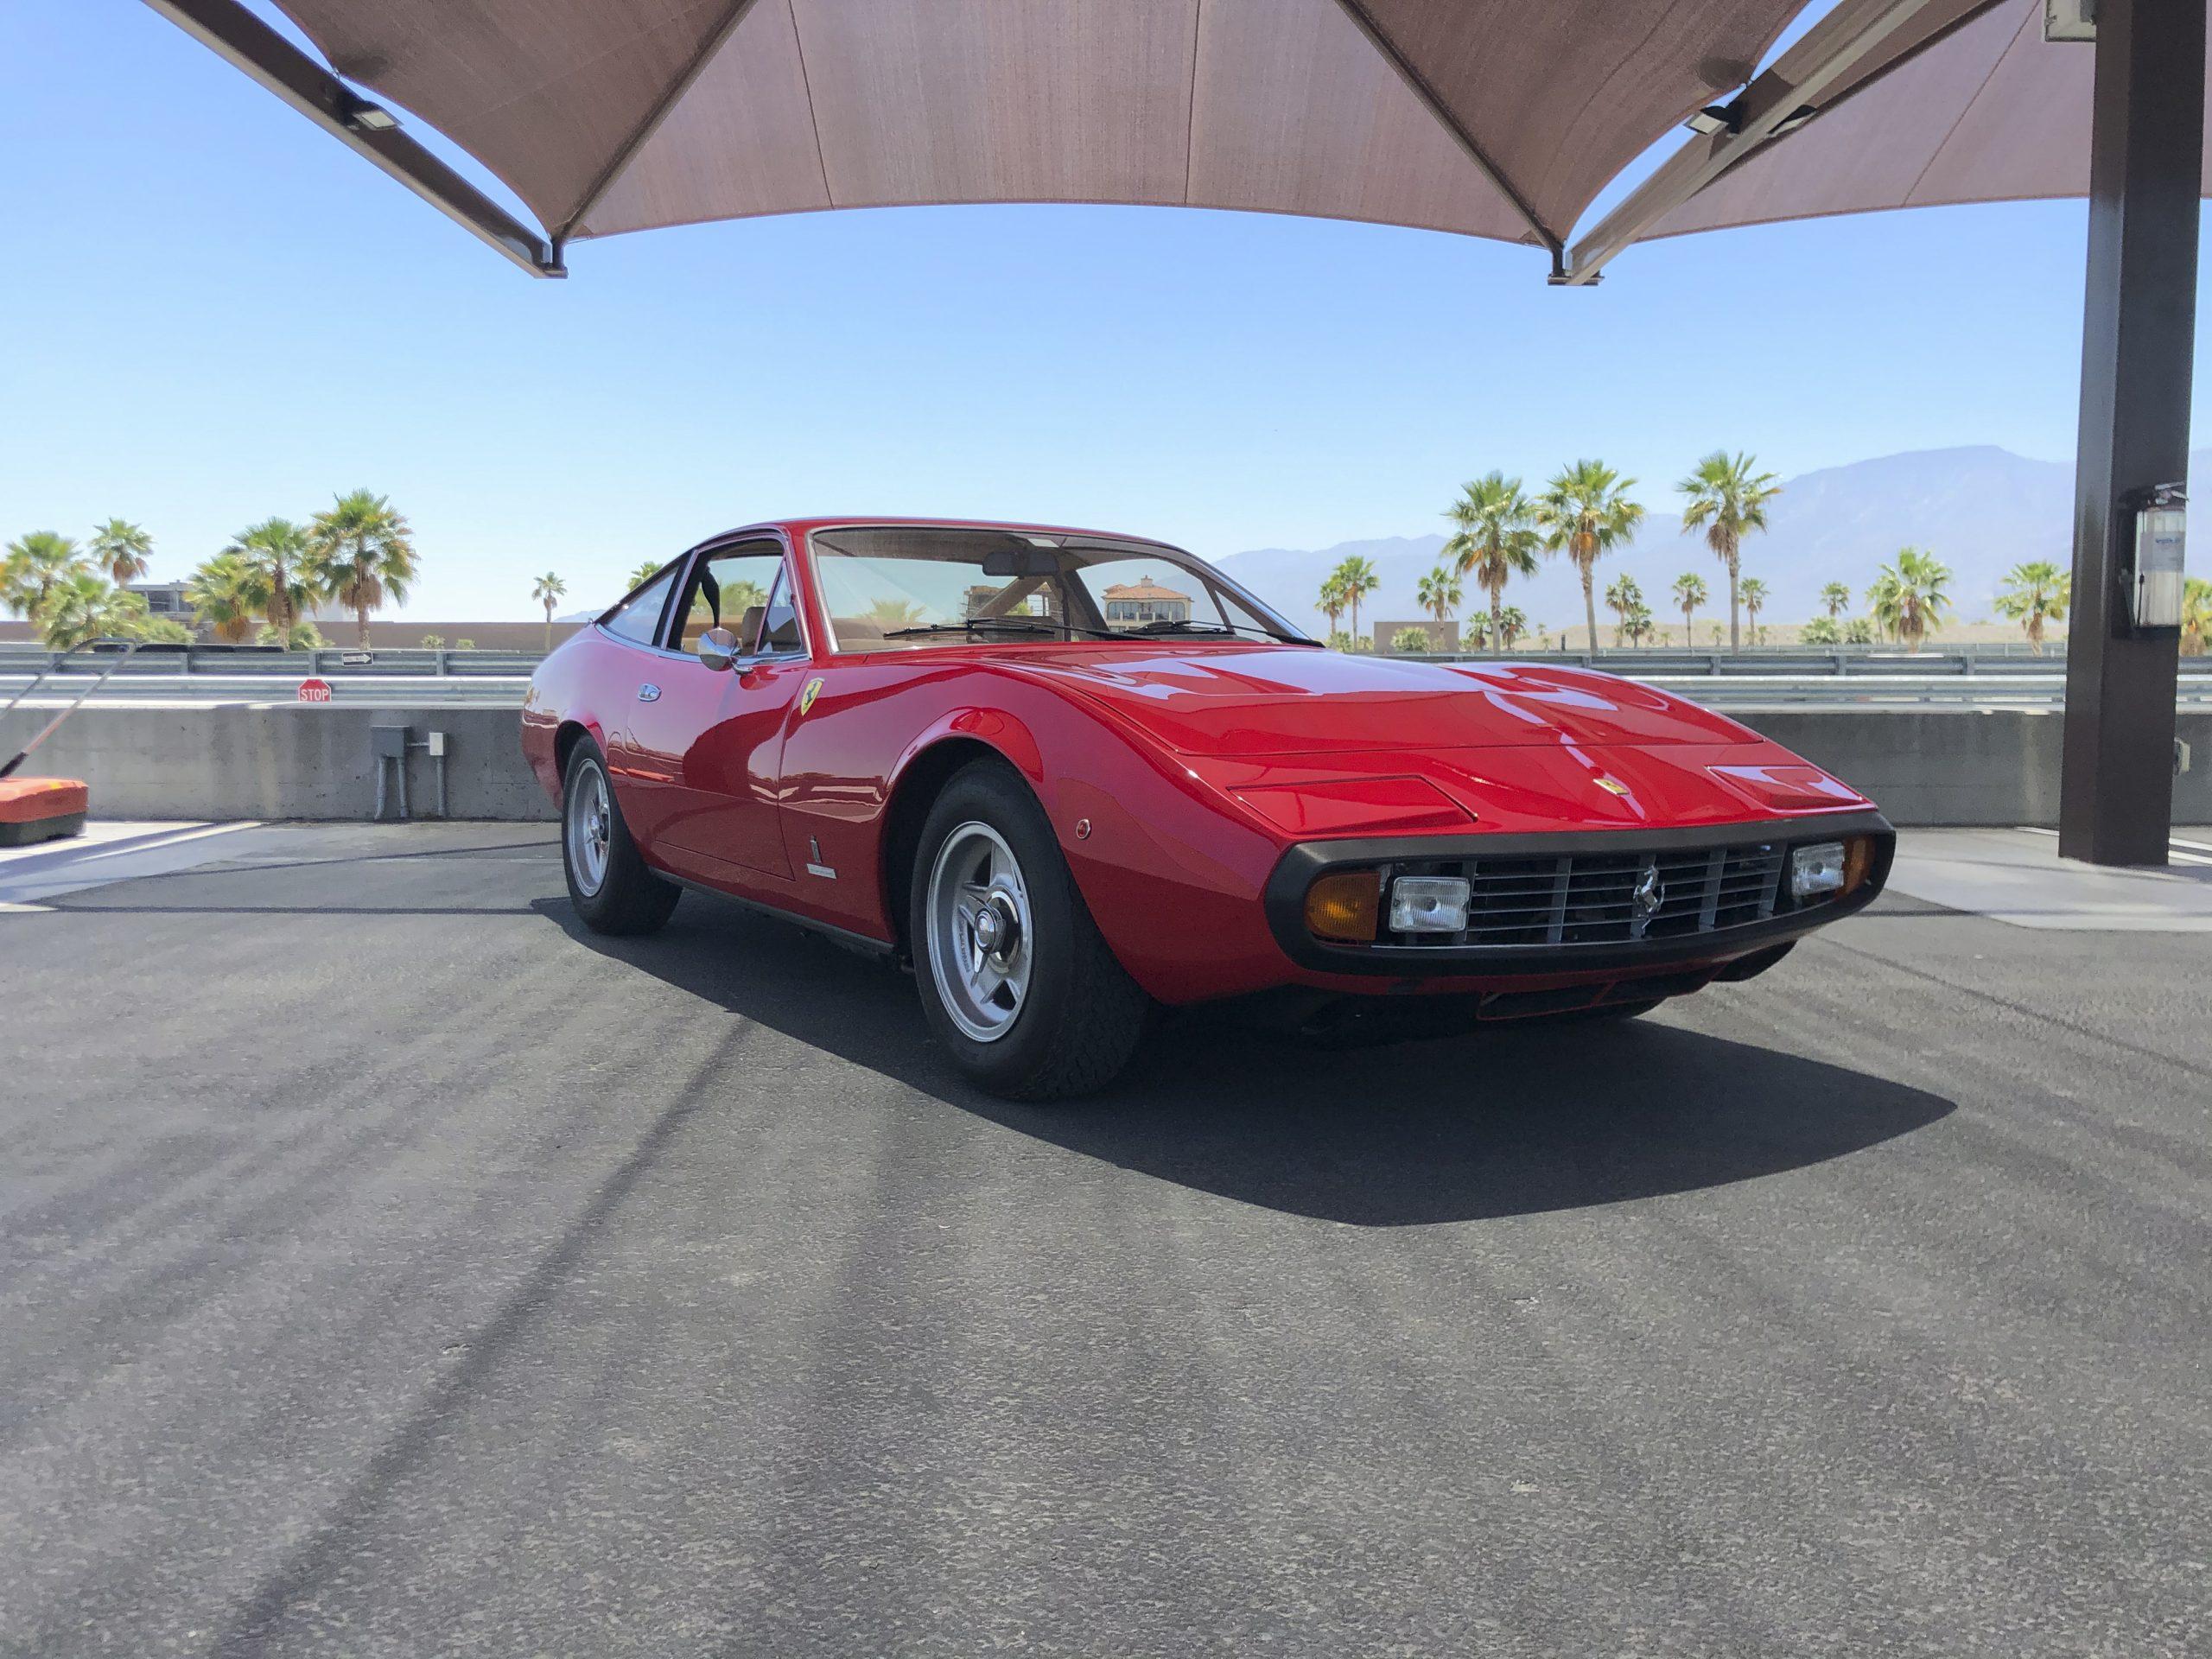 1971 Ferrari 365 GTC/4 by Pininfarina front